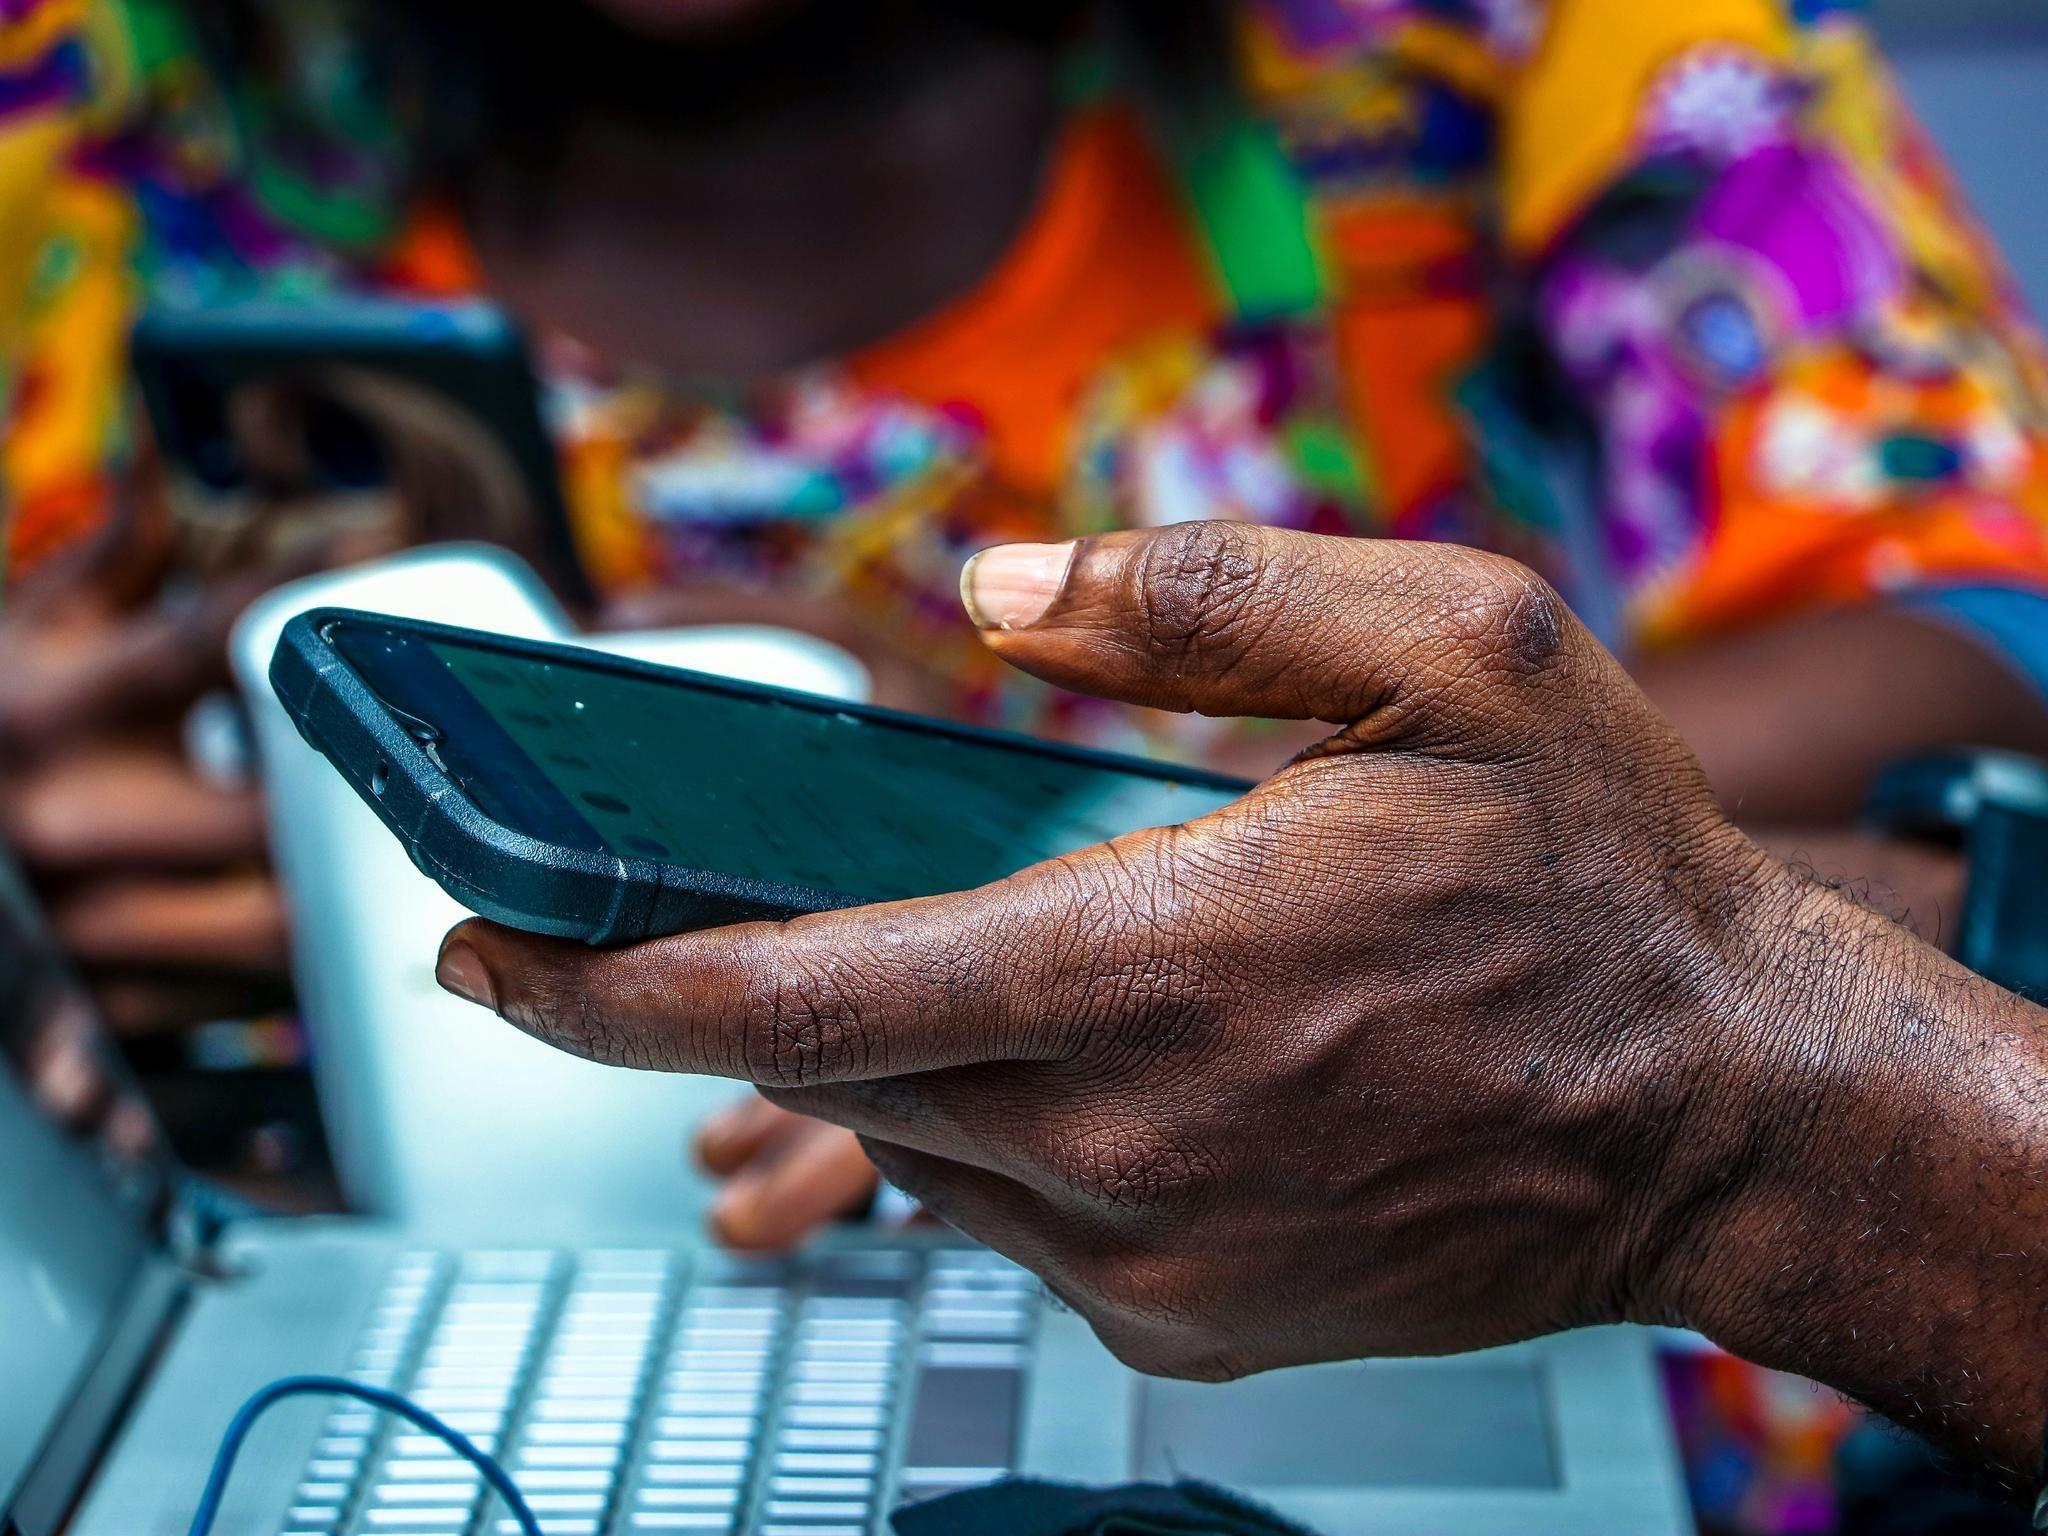 refugee camp digital technology iec phones